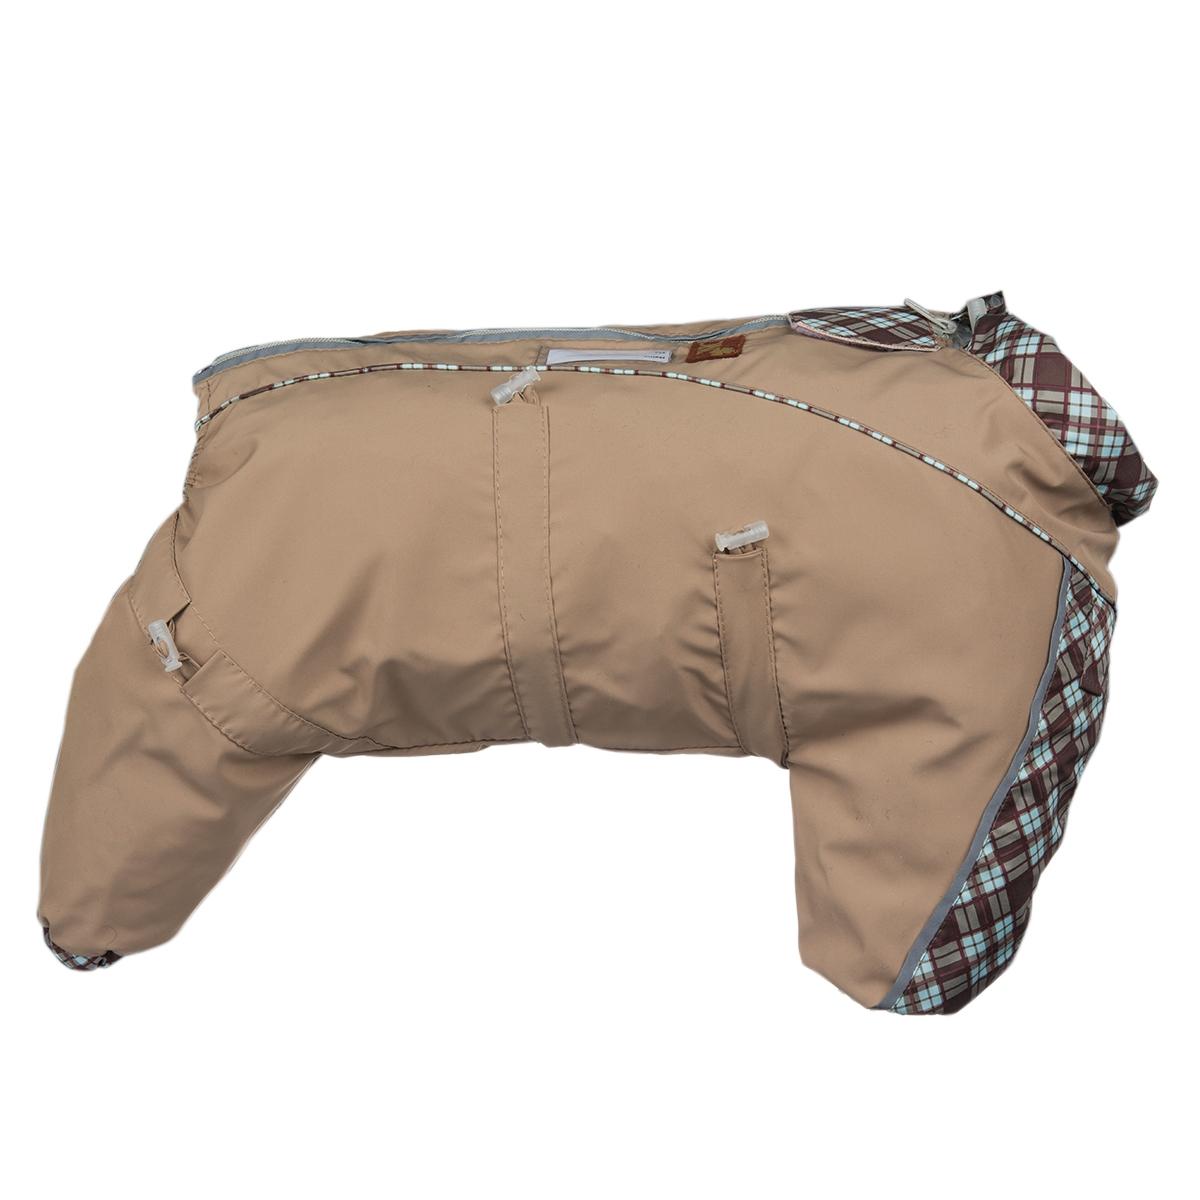 Комбинезон для собак Dogmoda Doggs, для девочки, цвет: бежевый. Размер XXХL0120710Комбинезон для собак Dogmoda Doggs отлично подойдет для прогулок в прохладную погоду.Комбинезон изготовлен из полиэстера, защищающего от ветра и осадков, а на подкладке используется вискоза, которая обеспечивает отличный воздухообмен. Комбинезон застегивается на молнию и липучку, благодаря чему его легко надевать и снимать. Молния снабжена светоотражающими элементами. Низ рукавов и брючин оснащен внутренними резинками, которые мягко обхватывают лапки, не позволяя просачиваться холодному воздуху. На вороте, пояснице и лапках комбинезон затягивается на шнурок-кулиску с затяжкой. Благодаря такому комбинезону простуда не грозит вашему питомцу.Длина по спинке: 70 см.Объем груди: 108 см.Обхват шеи: 77 см.